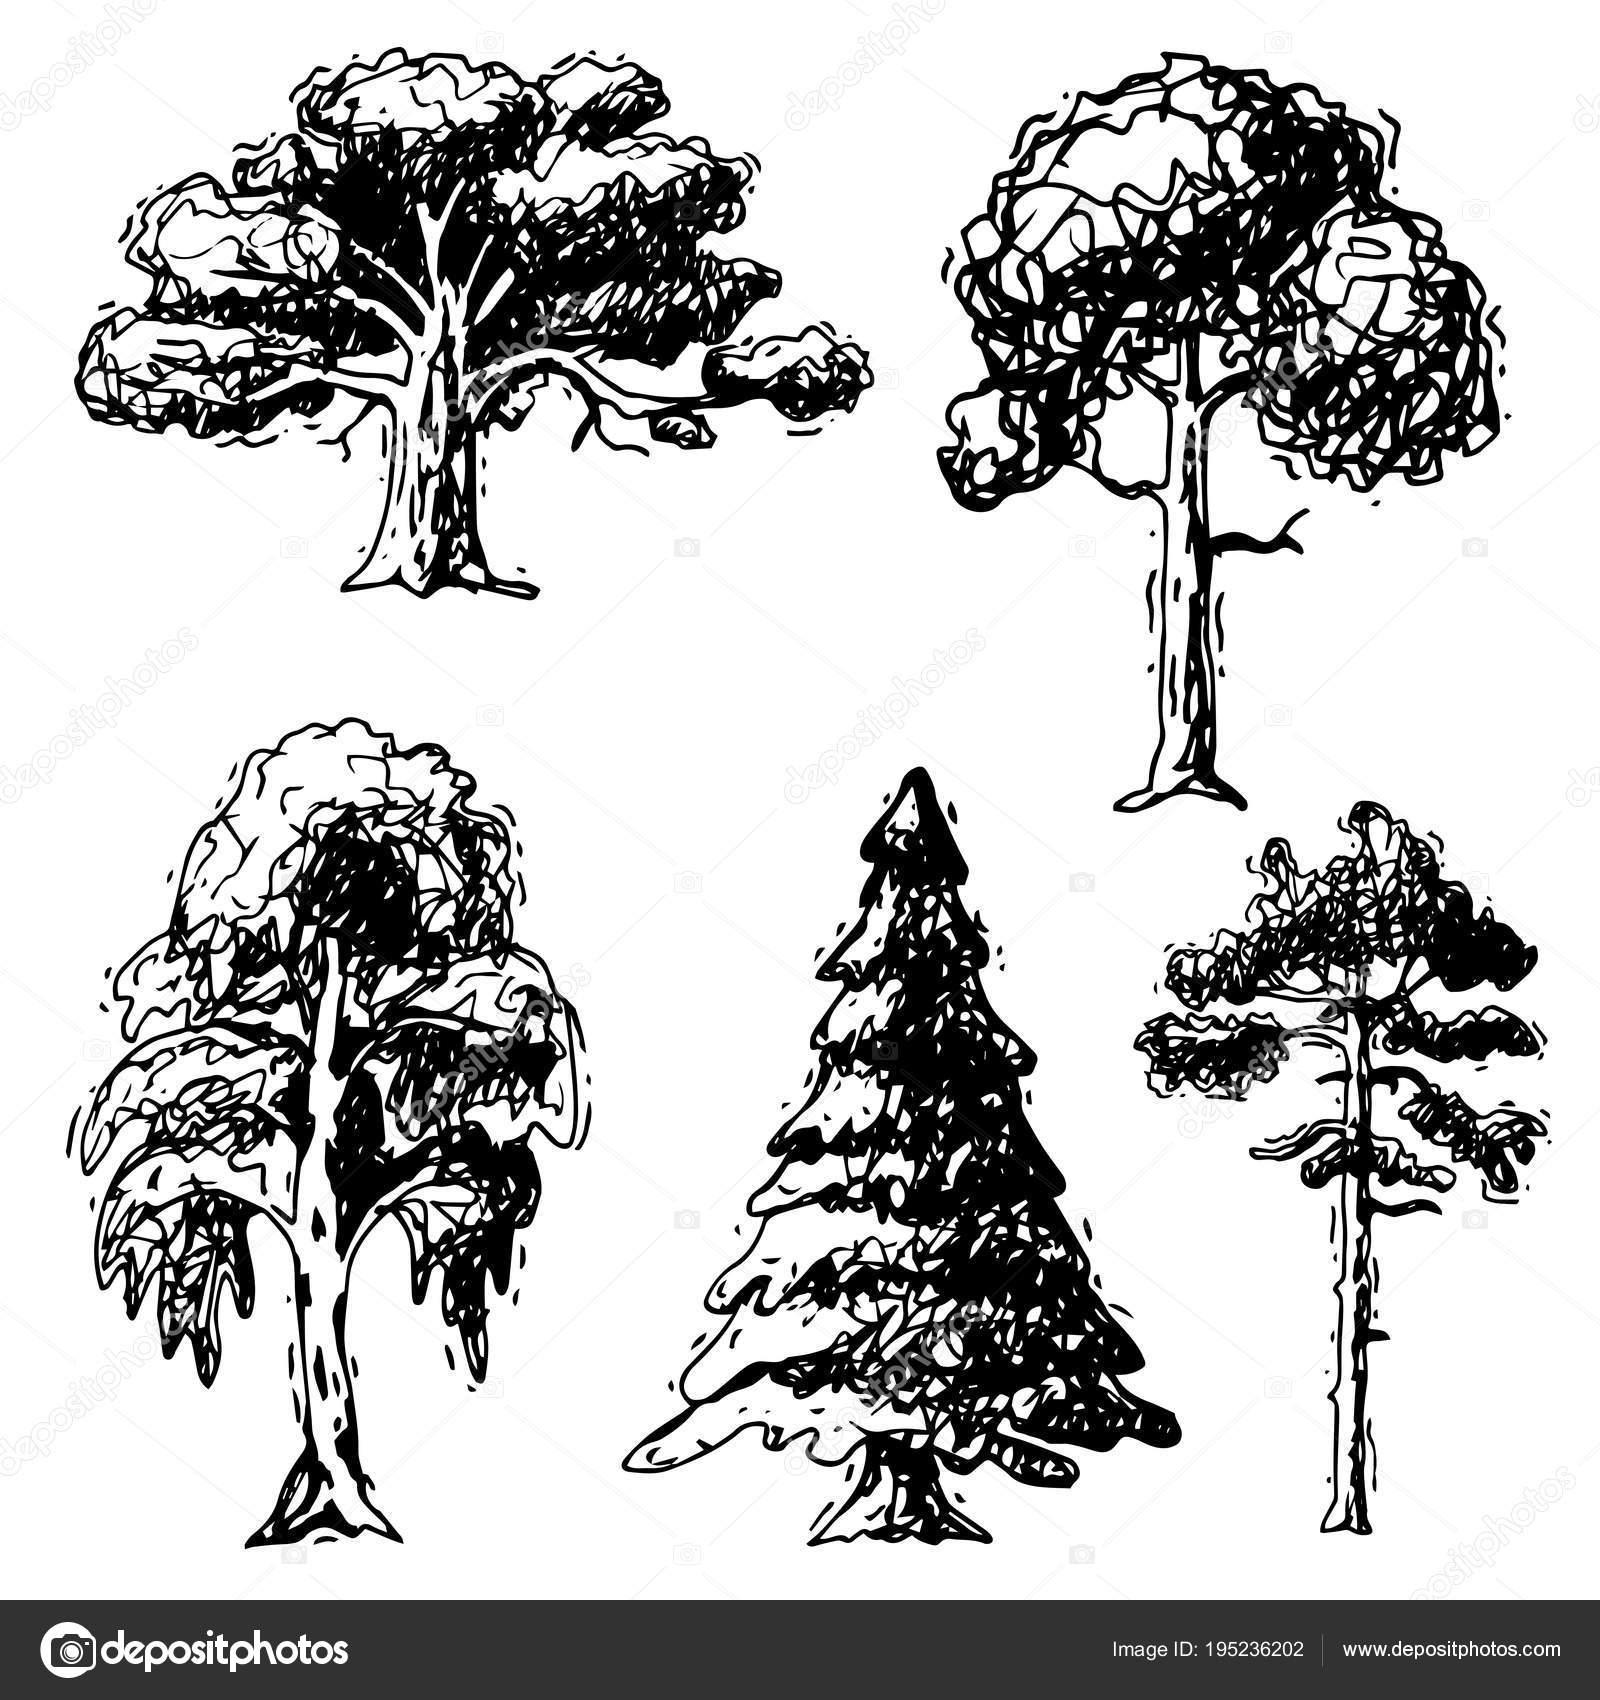 Im genes cedros para dibujar vector rbol bosquejo for Tipos de pinos para jardin fotos